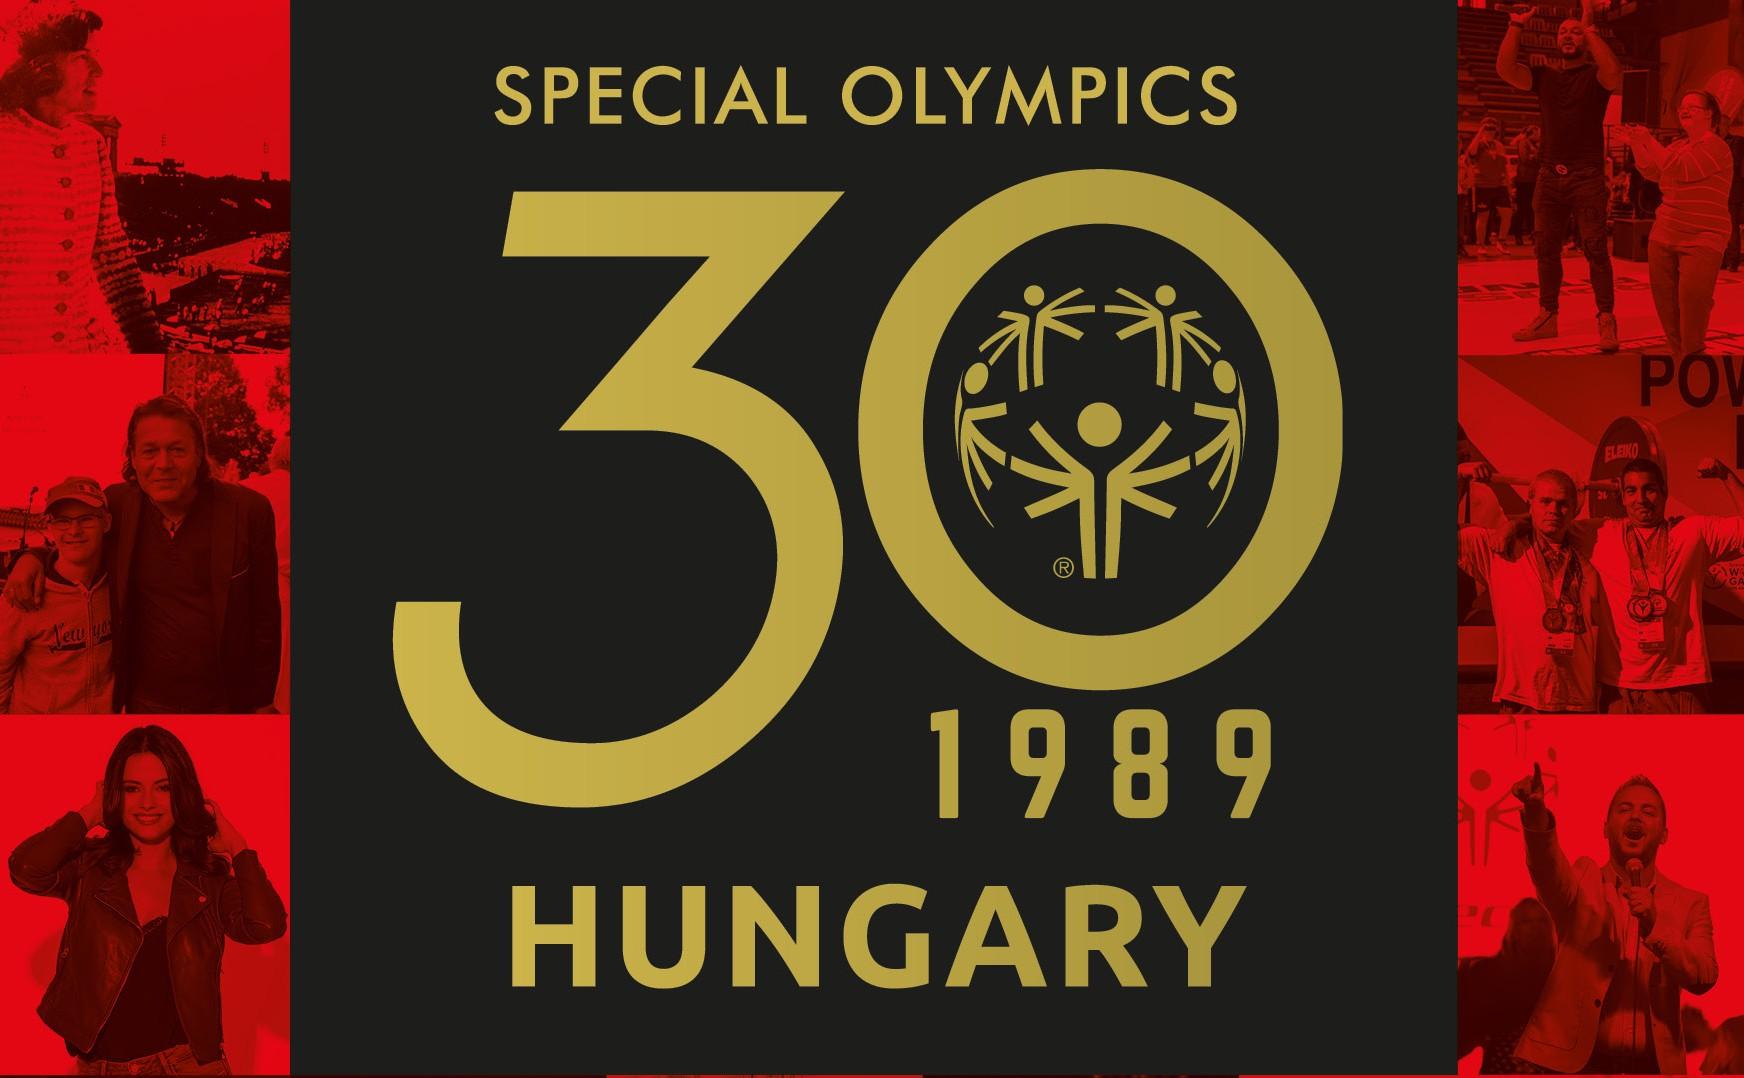 Igazi Győztesek ünnepelnek - 30 éves hazánkban a Speciális Olimpia